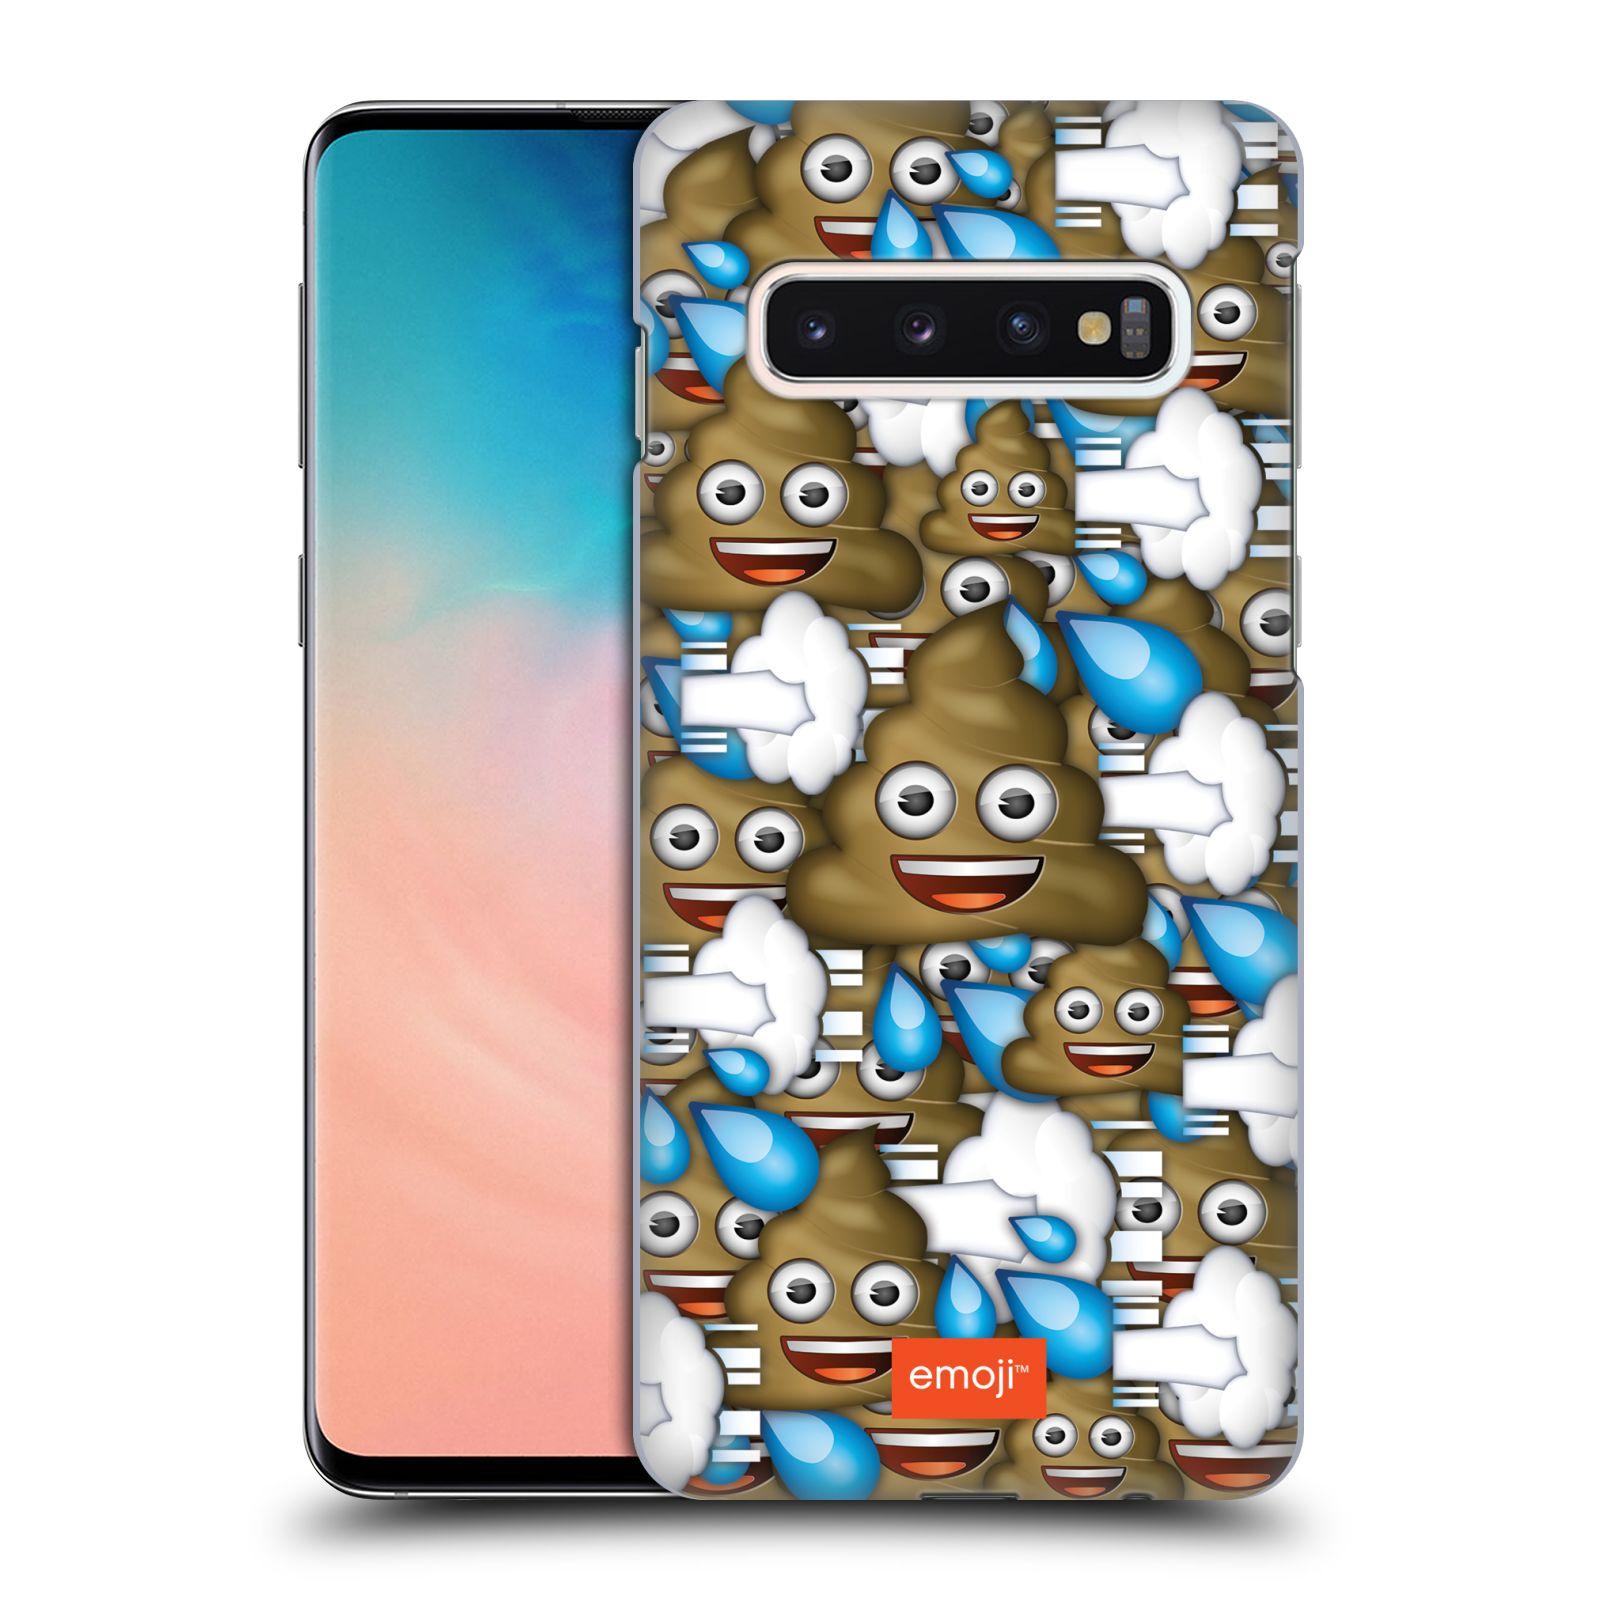 Plastové pouzdro na mobil Samsung Galaxy S10 - Head Case - EMOJI - Hovínka a prdíky